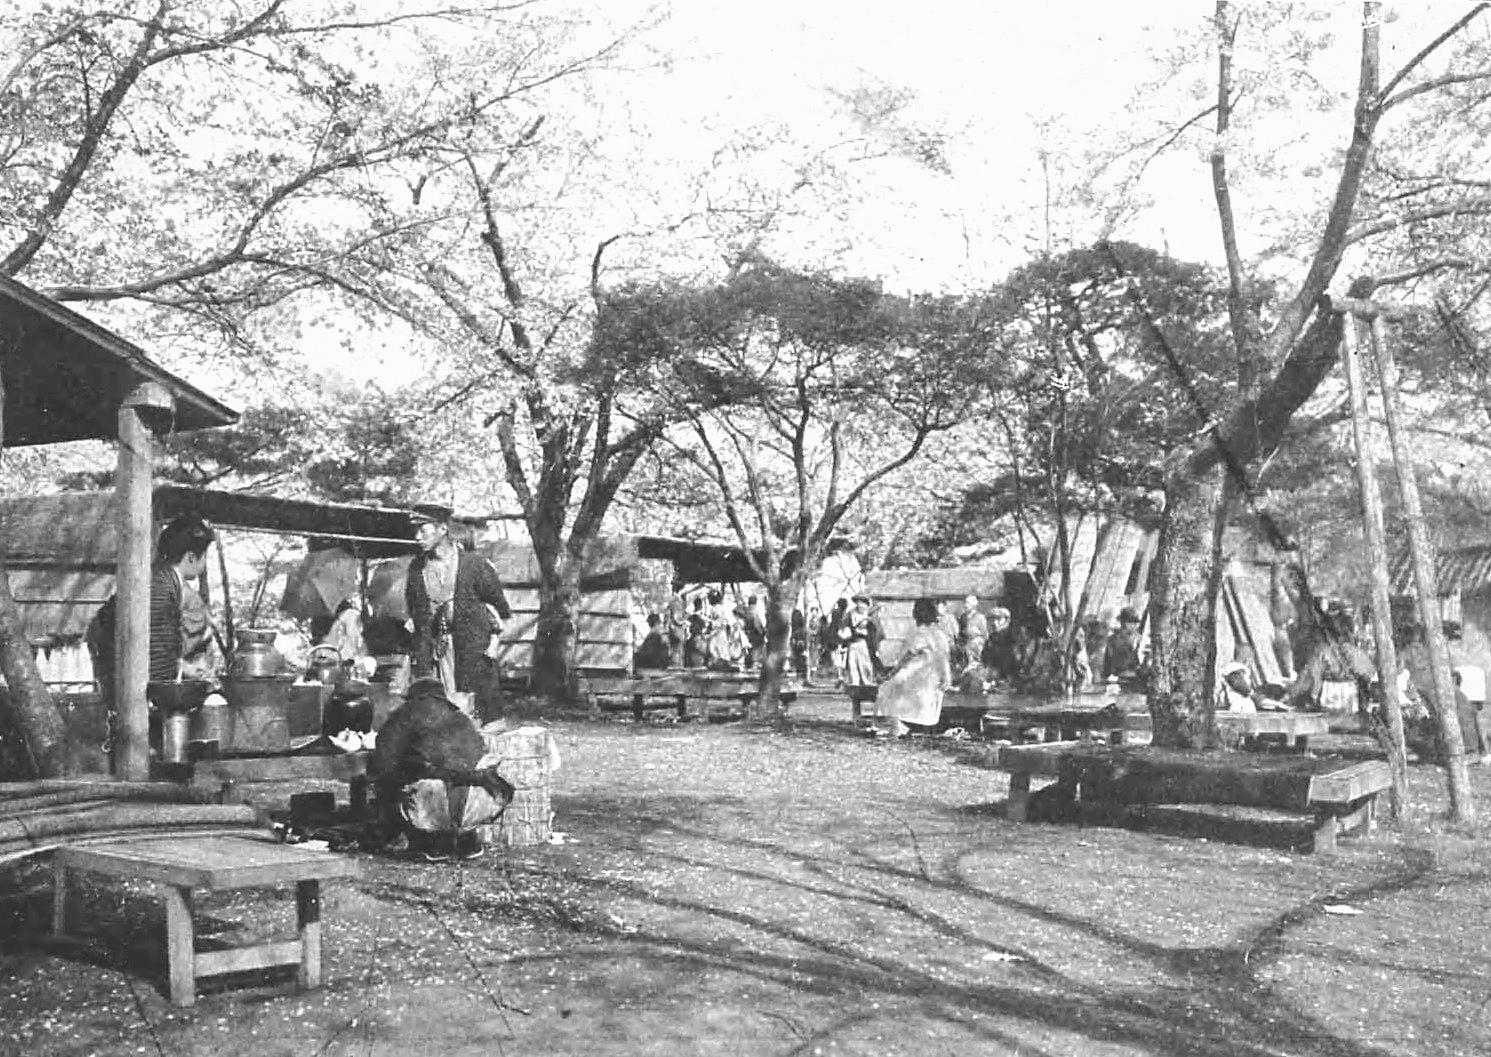 飛鳥山。渋沢栄一は1901年からここに居を構えた。(写真:国立国会図書館)